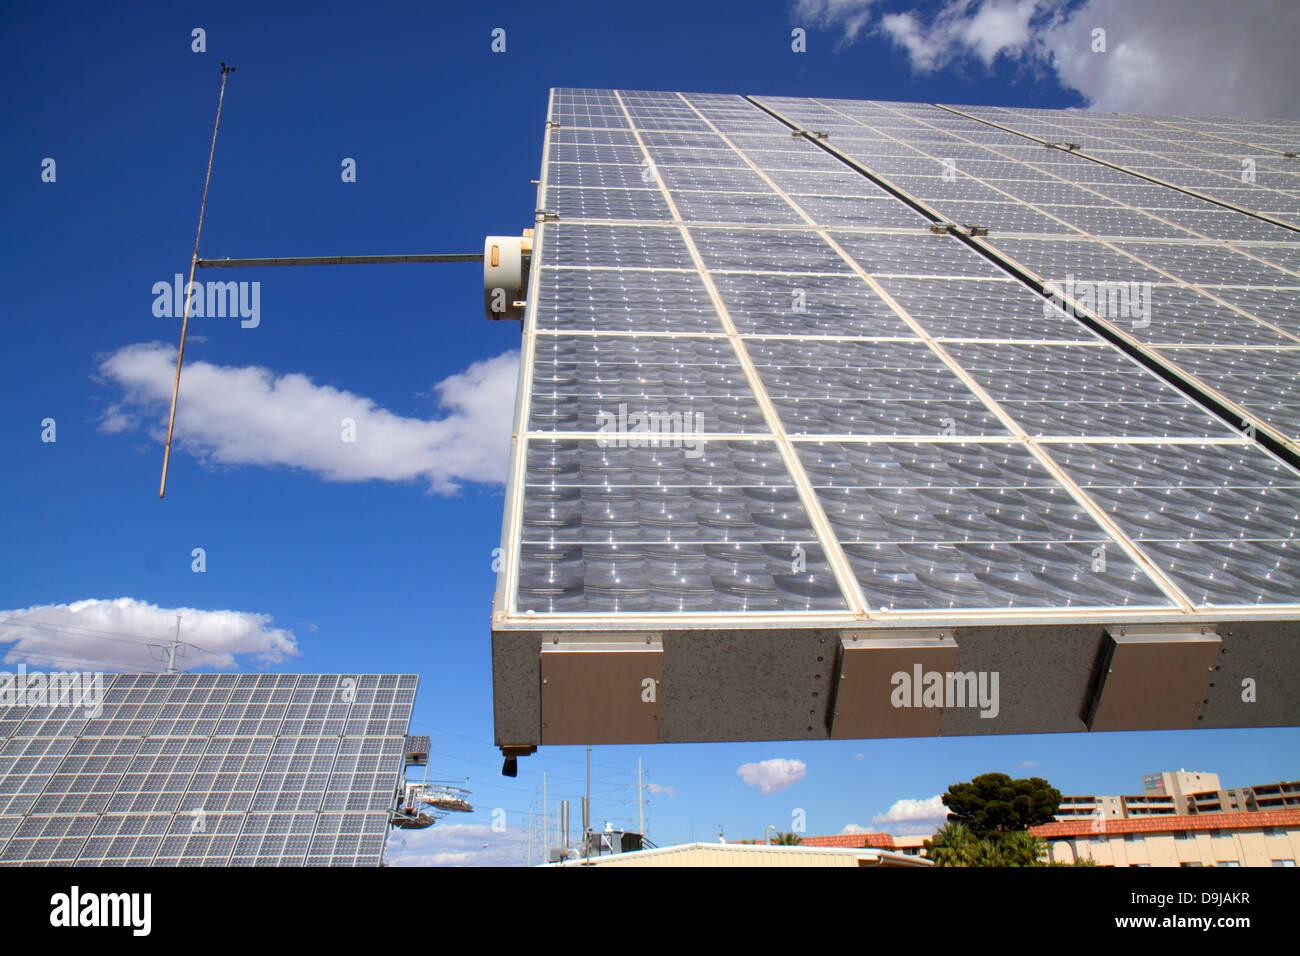 Las Vegas Nevada UNLV Universidad de Nevada, Centro de Investigación de energía solar 7700 Amonix pruebas Imagen De Stock